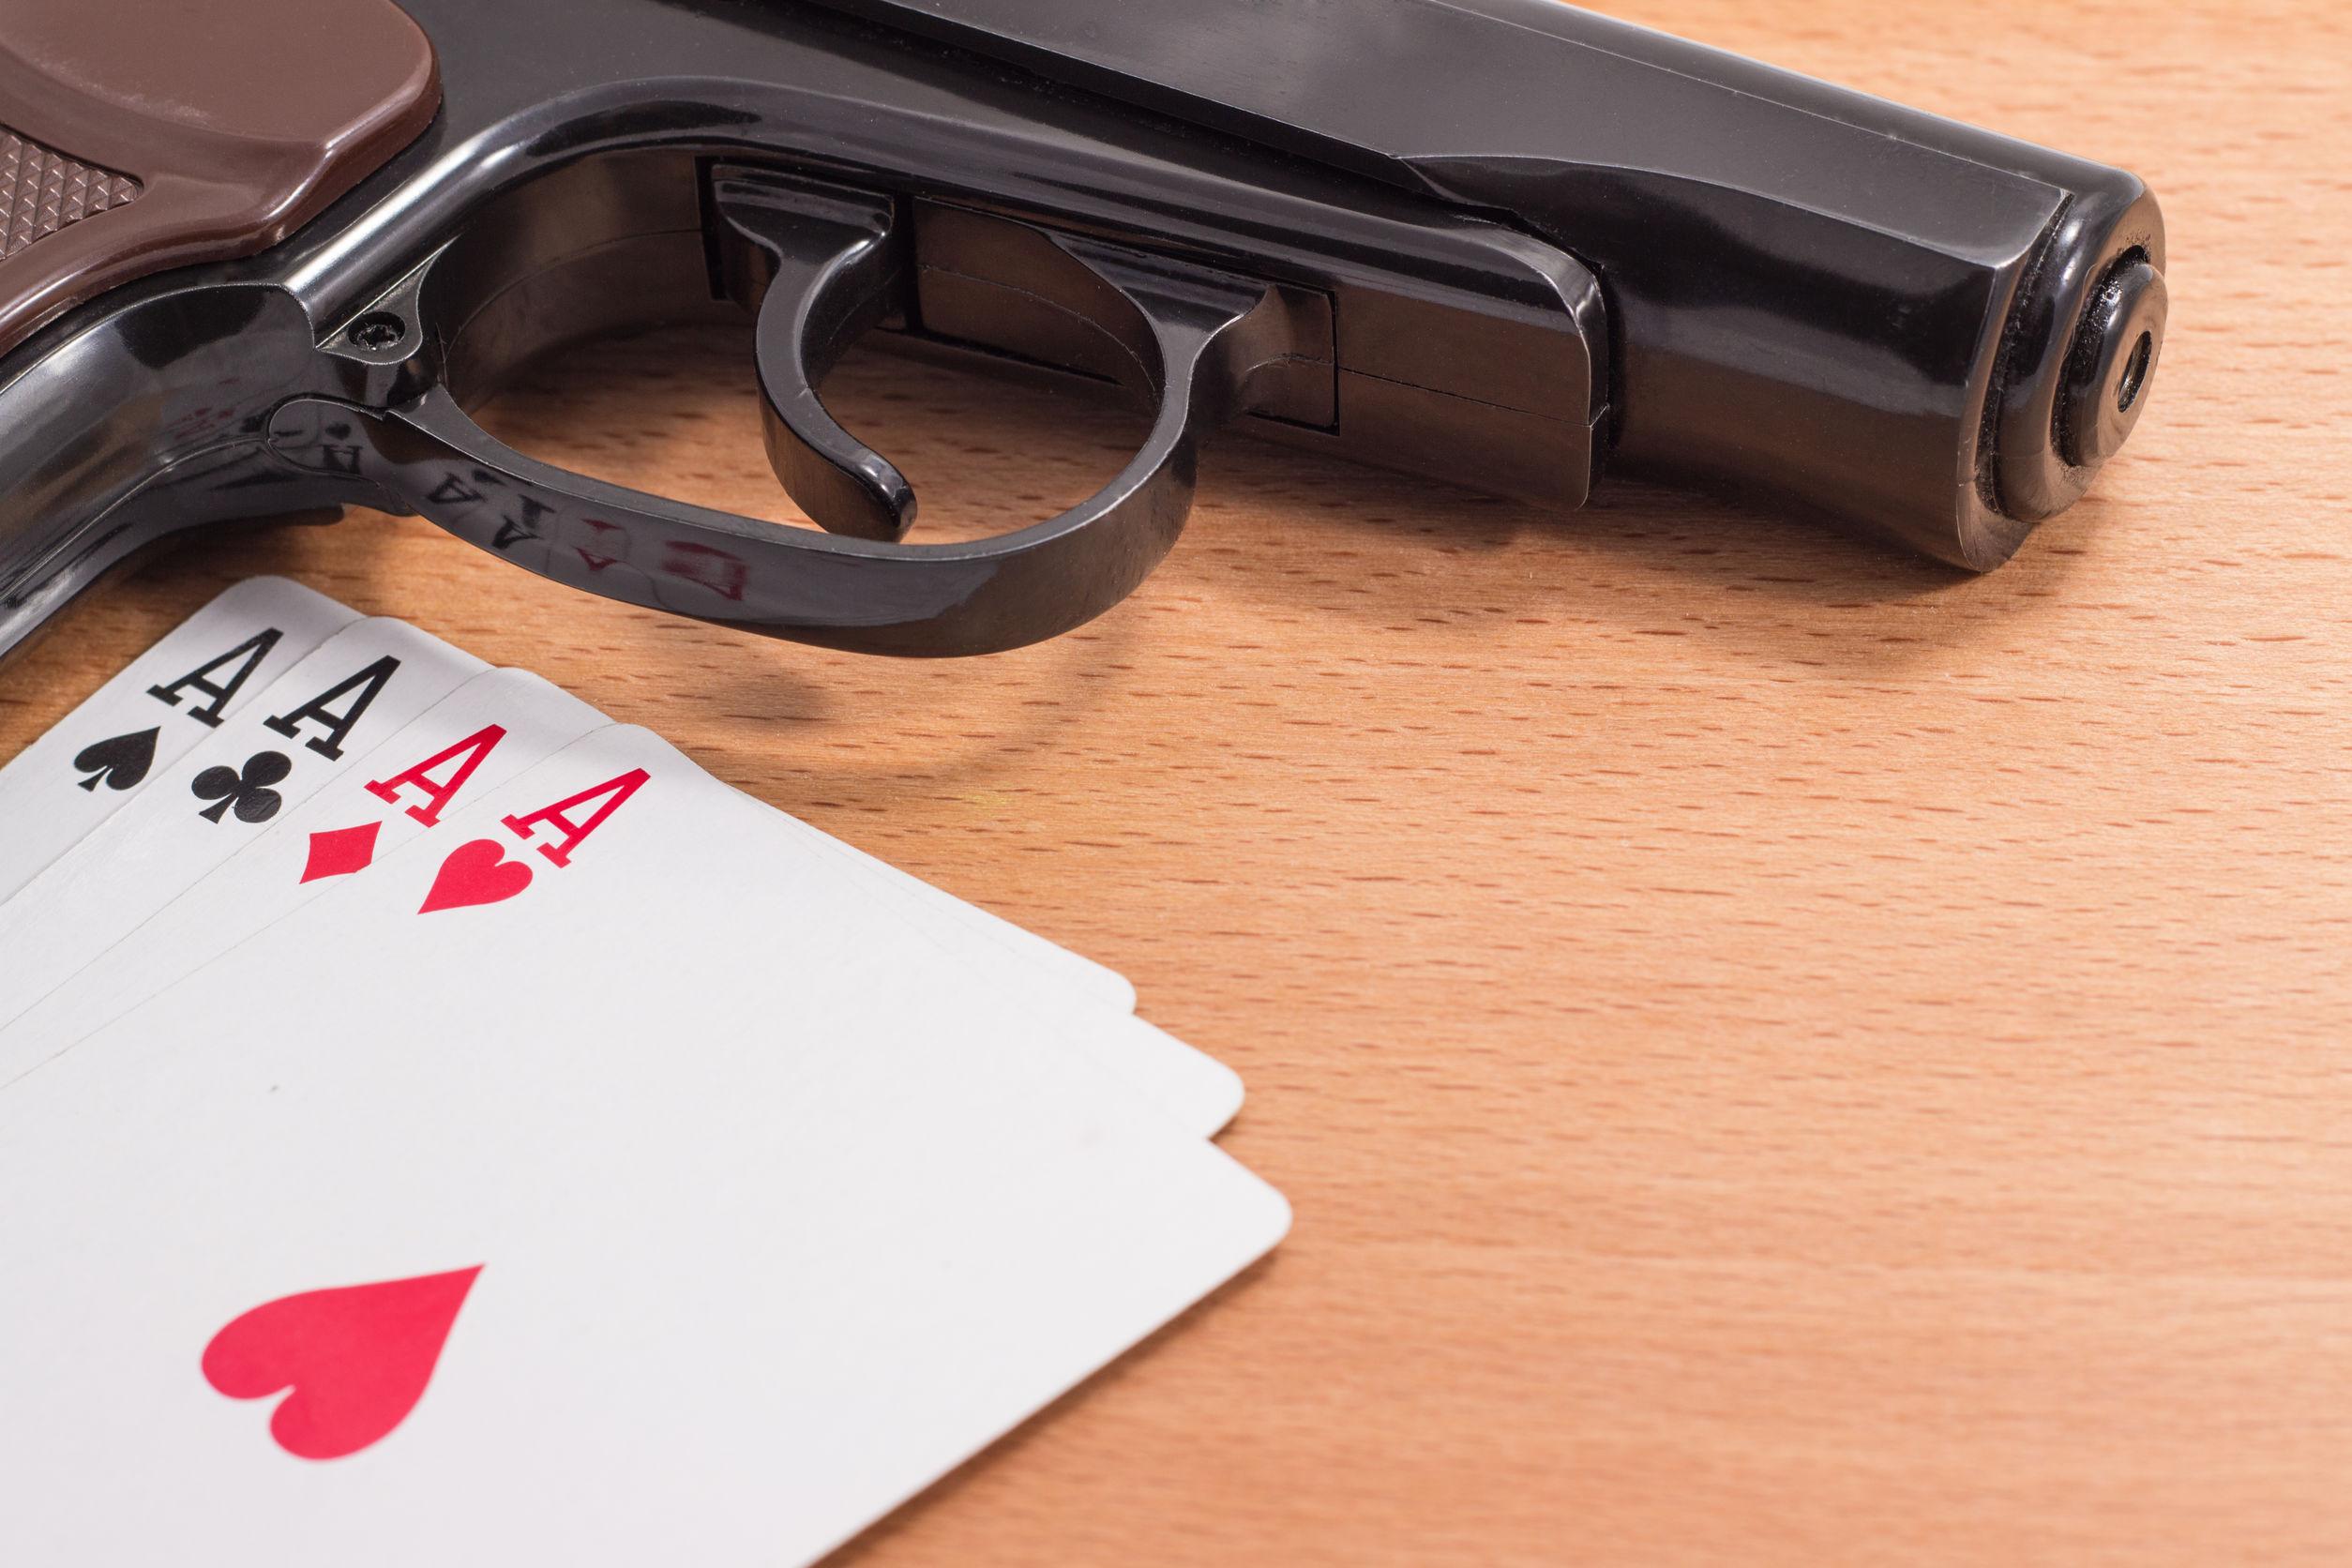 Handfeuerwaffe mit 4 verschiedenen Assen